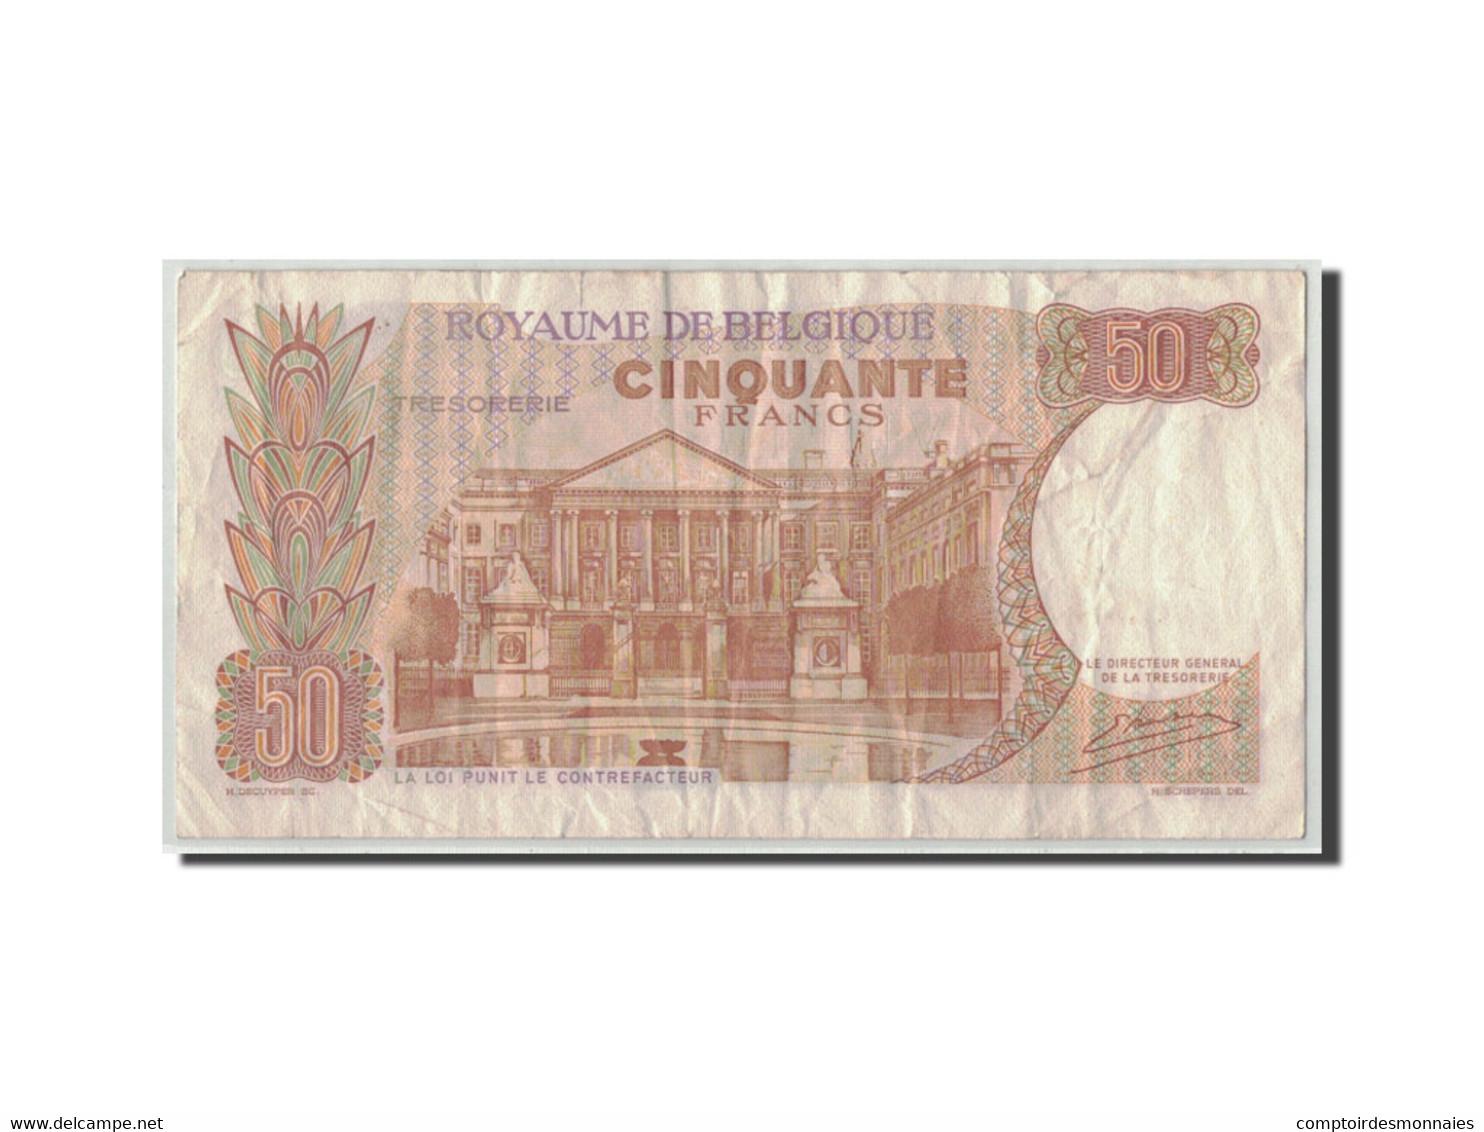 Belgique, 50 Francs, 1966, KM:139, 1966-05-16, B - [ 6] Staatskas